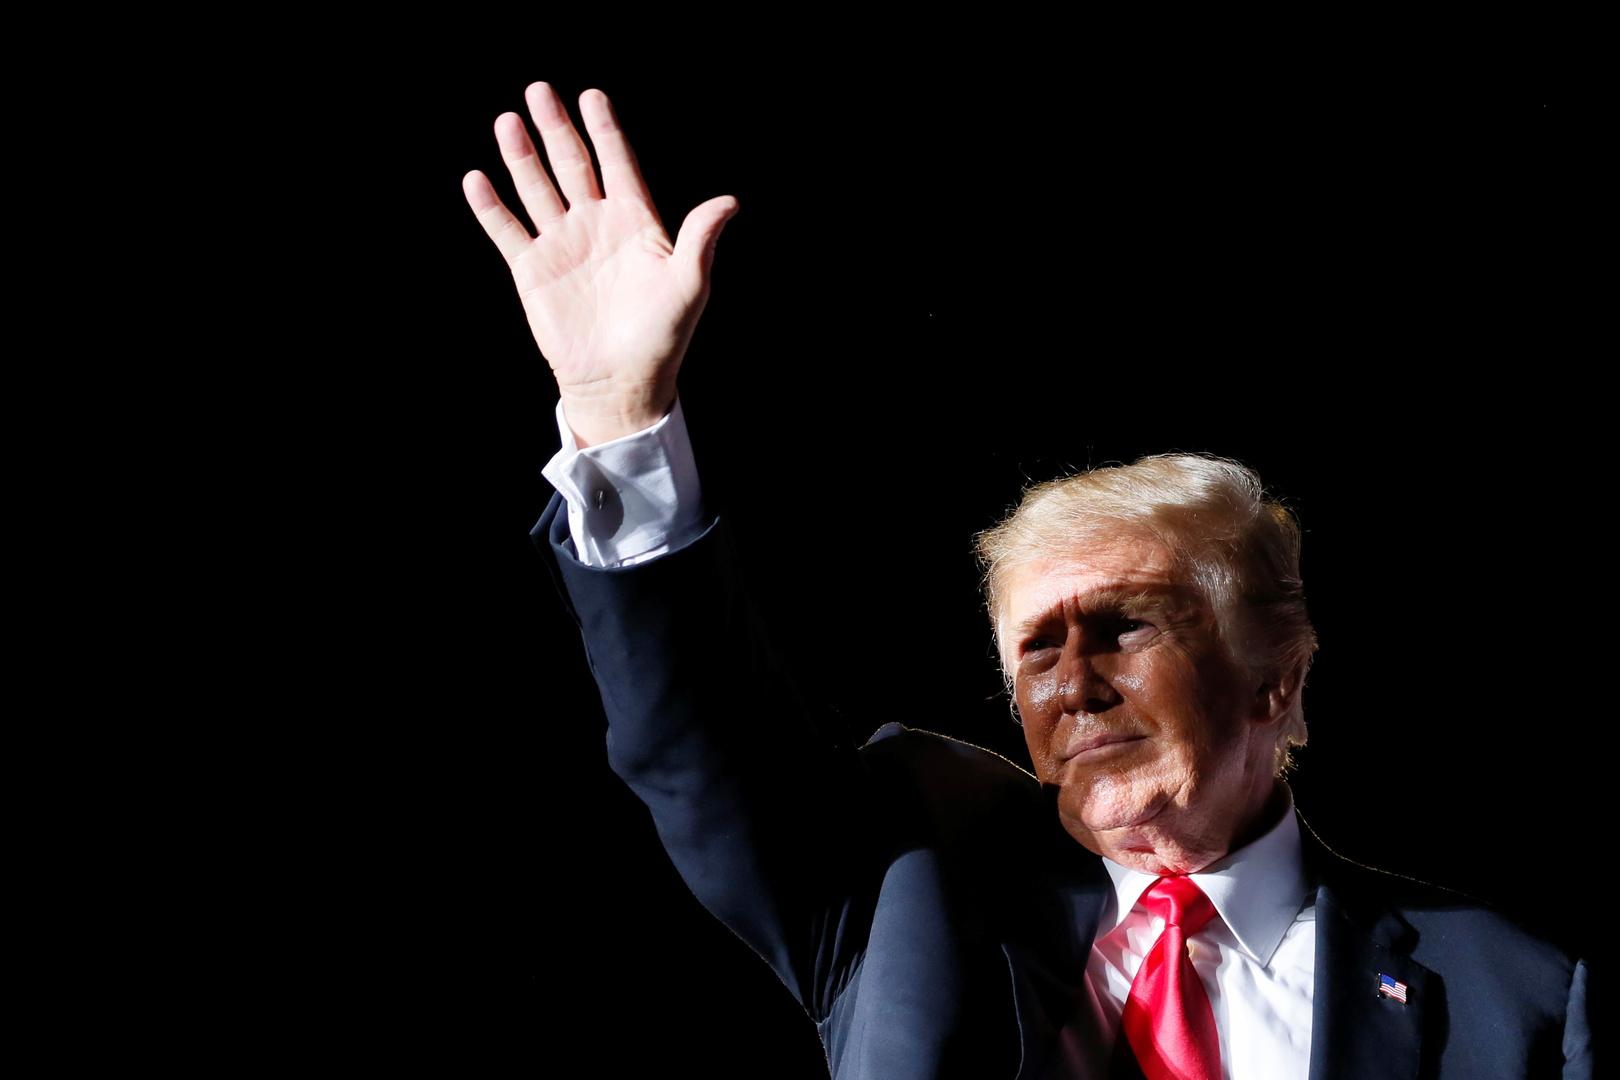 وسائل إعلام: هاكر تركي يخترق موقع ترامب الإلكتروني وينشر فيه آية قرآنية